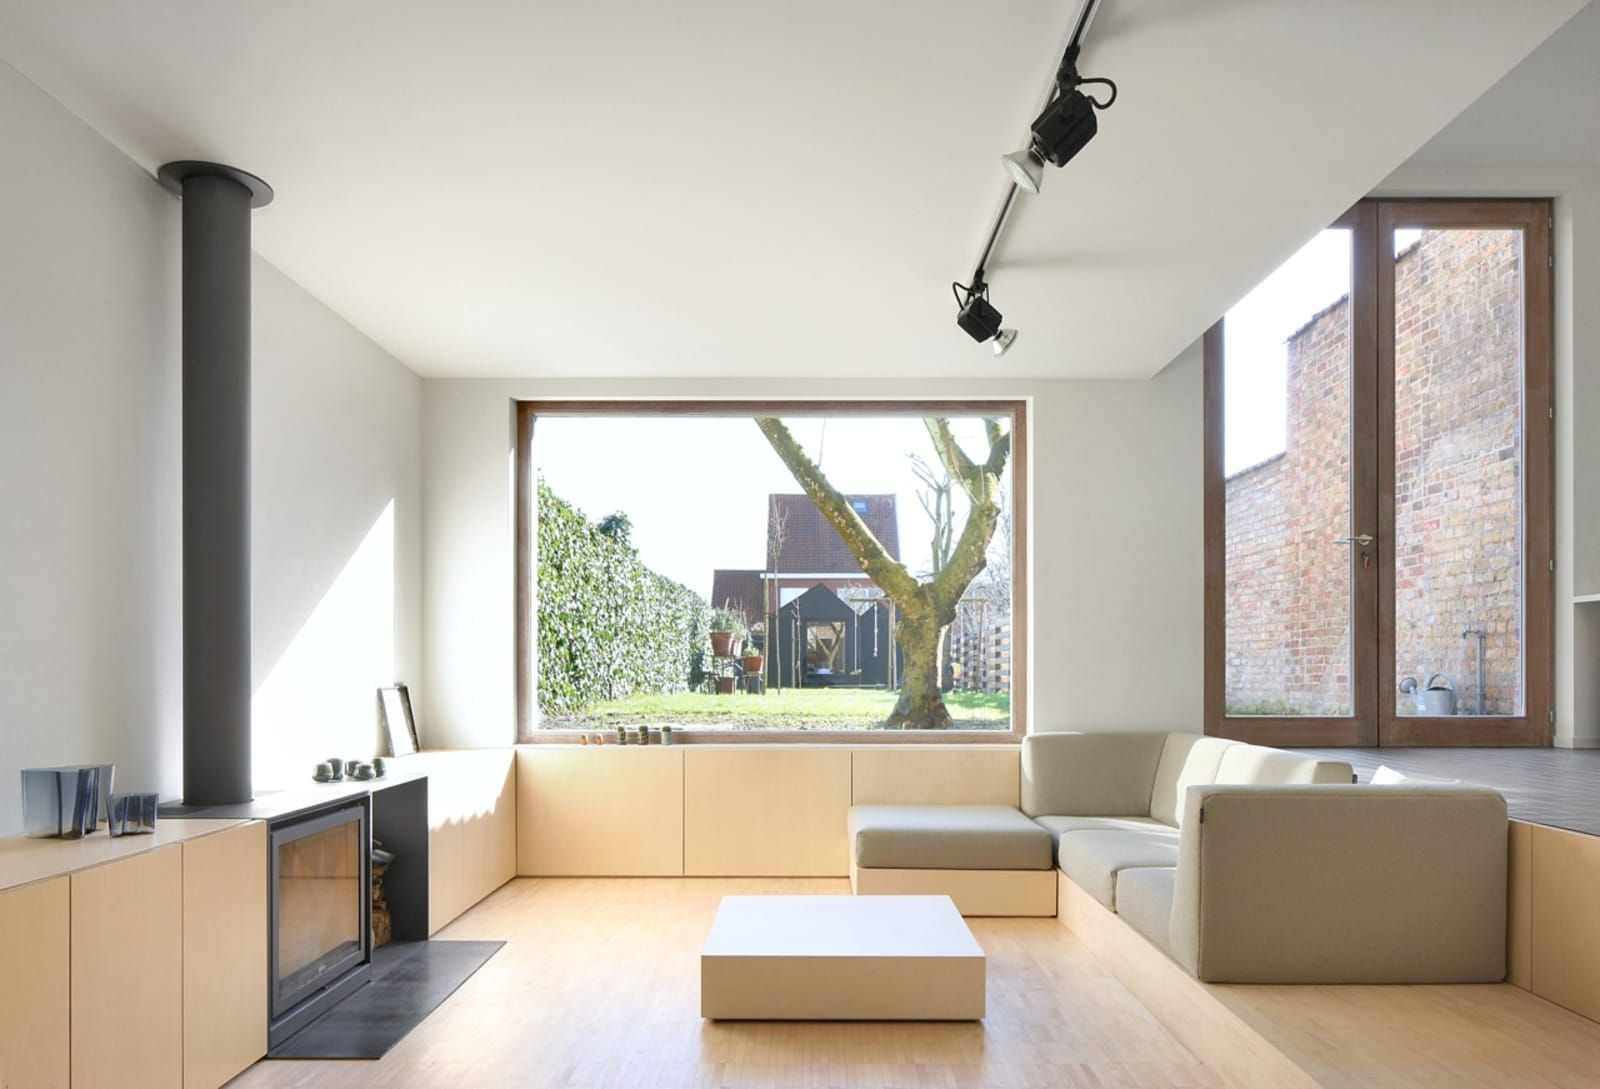 urbain architectencollectief, Filip Dujardin · reconversion of a ...